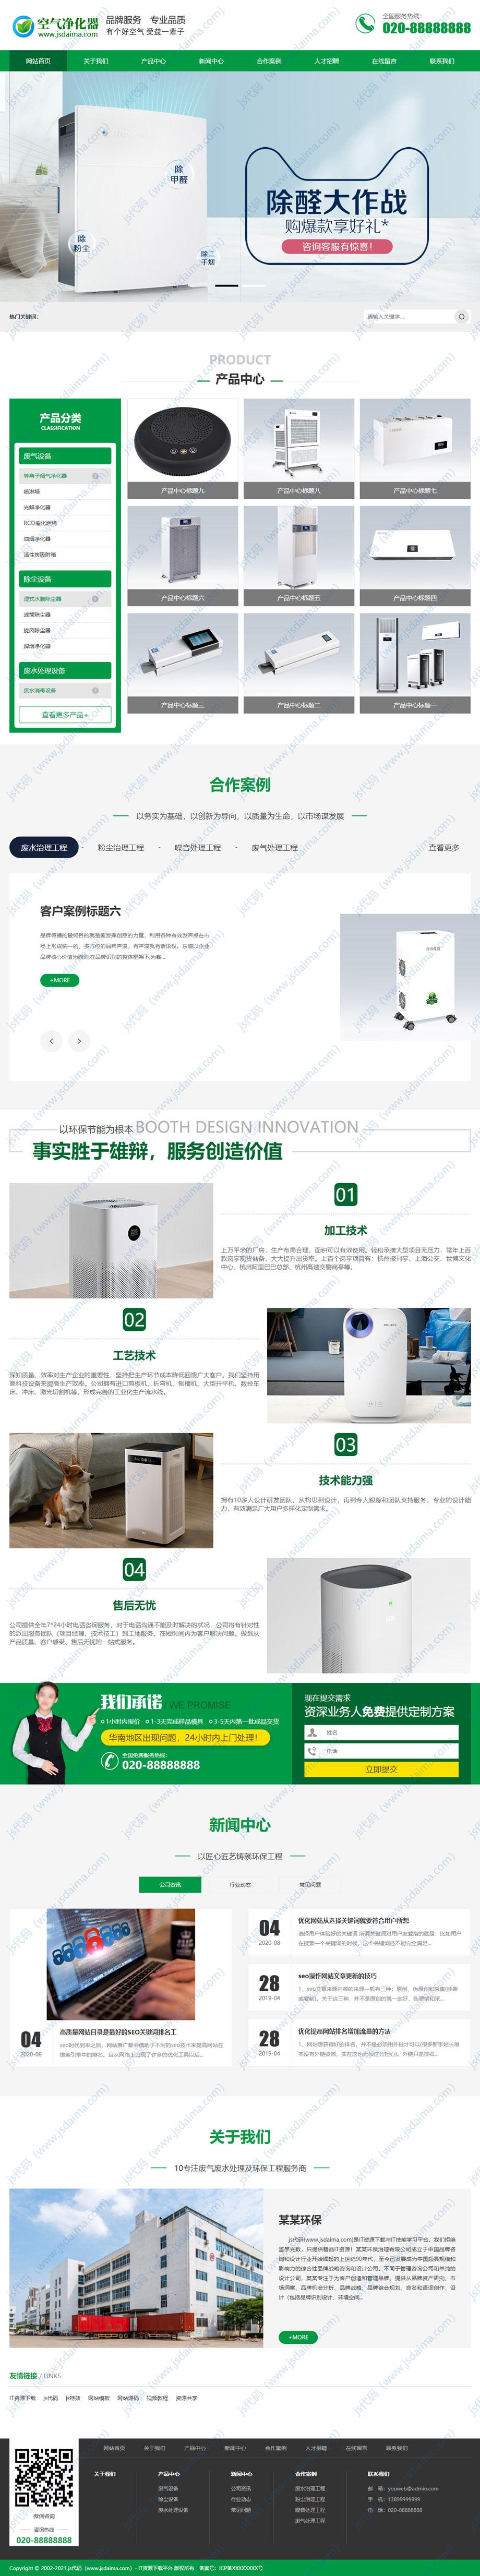 绿色宽屏大气智能环保空气净化器销售制造公司网站源码